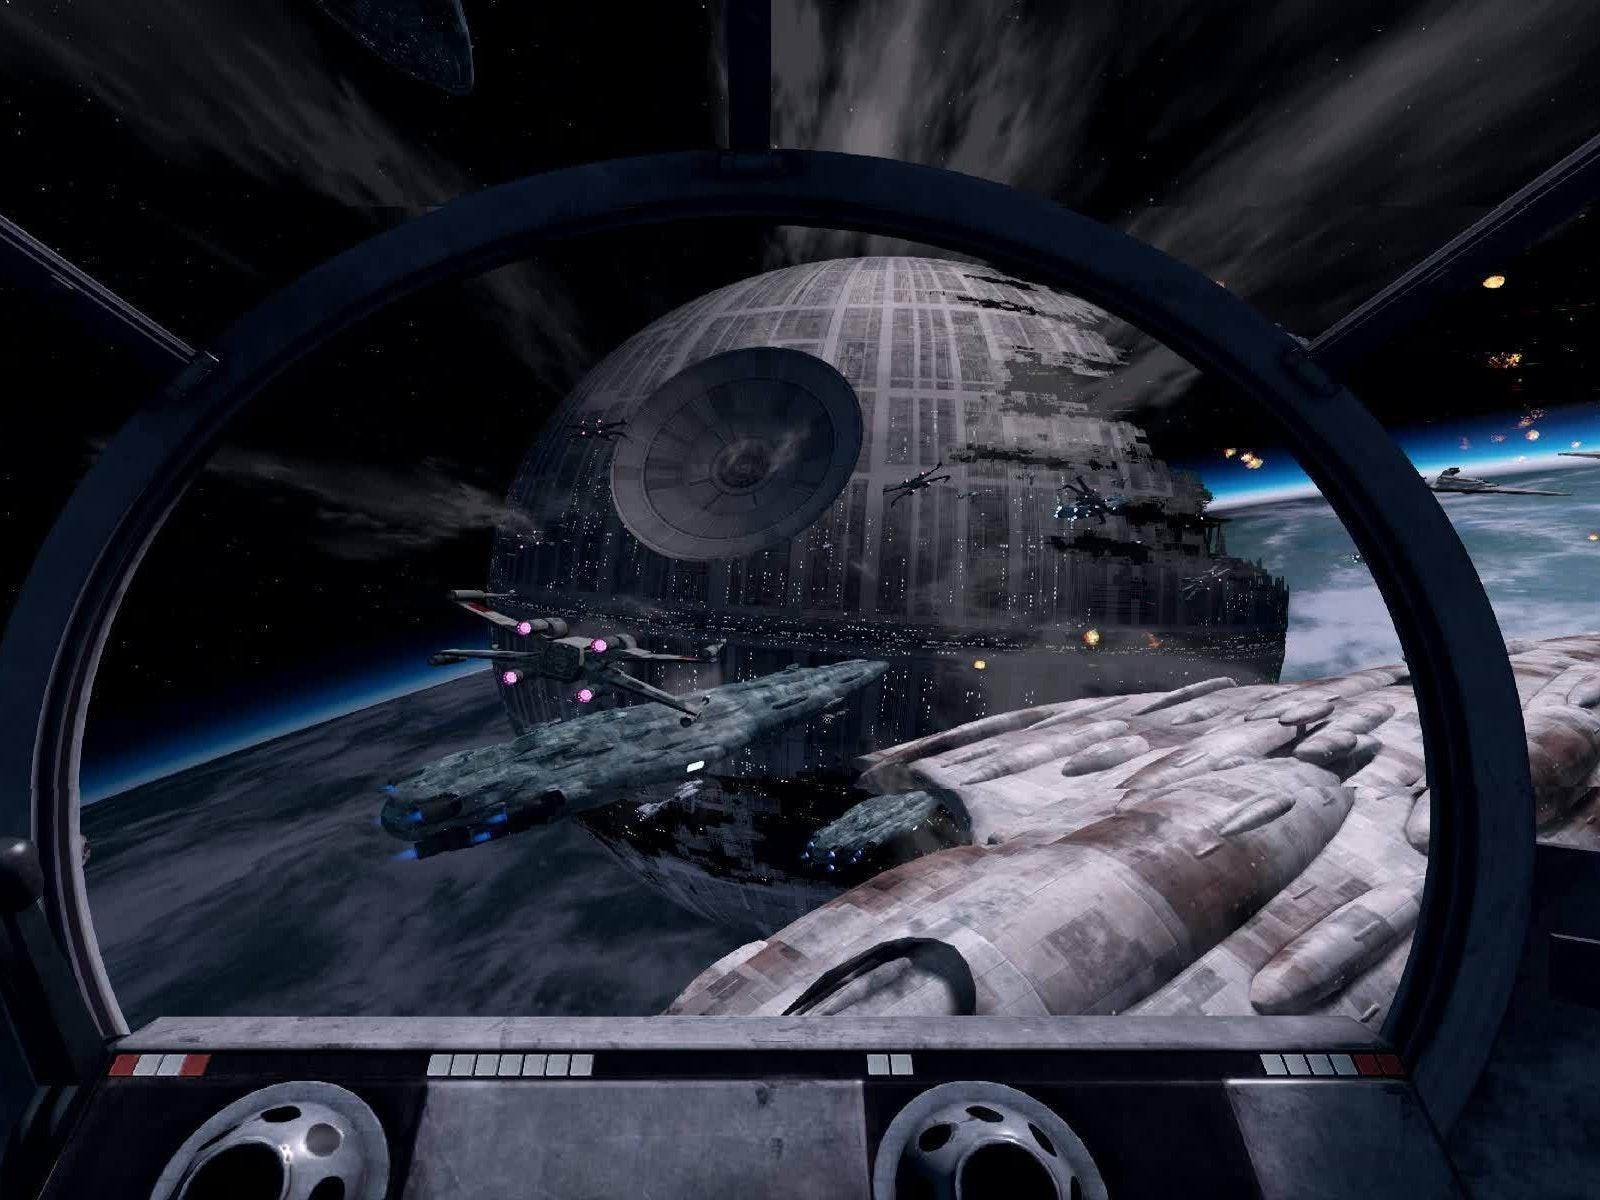 Next Generation 'Star Wars' Arcade Games Hit the Market